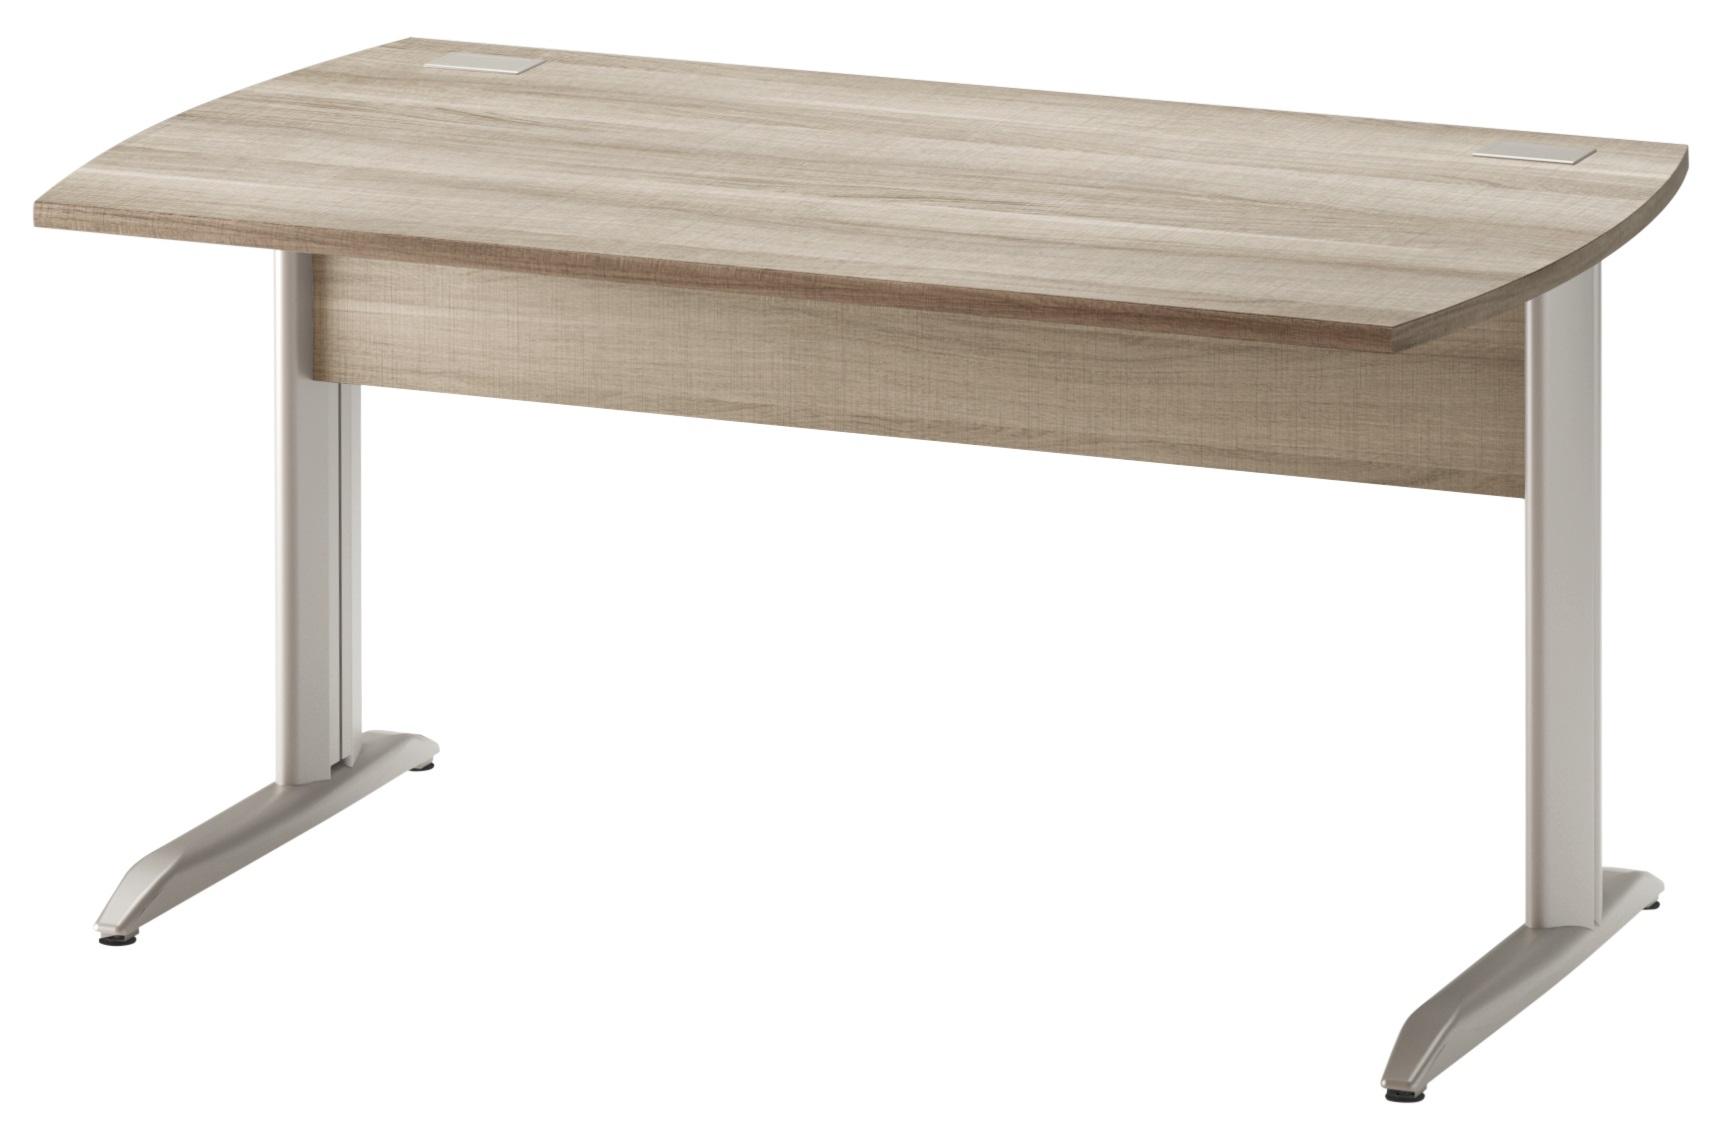 jazz ch ne gris pieds m tal bureau 140cm mobilier par famille jazz ch ne gris. Black Bedroom Furniture Sets. Home Design Ideas